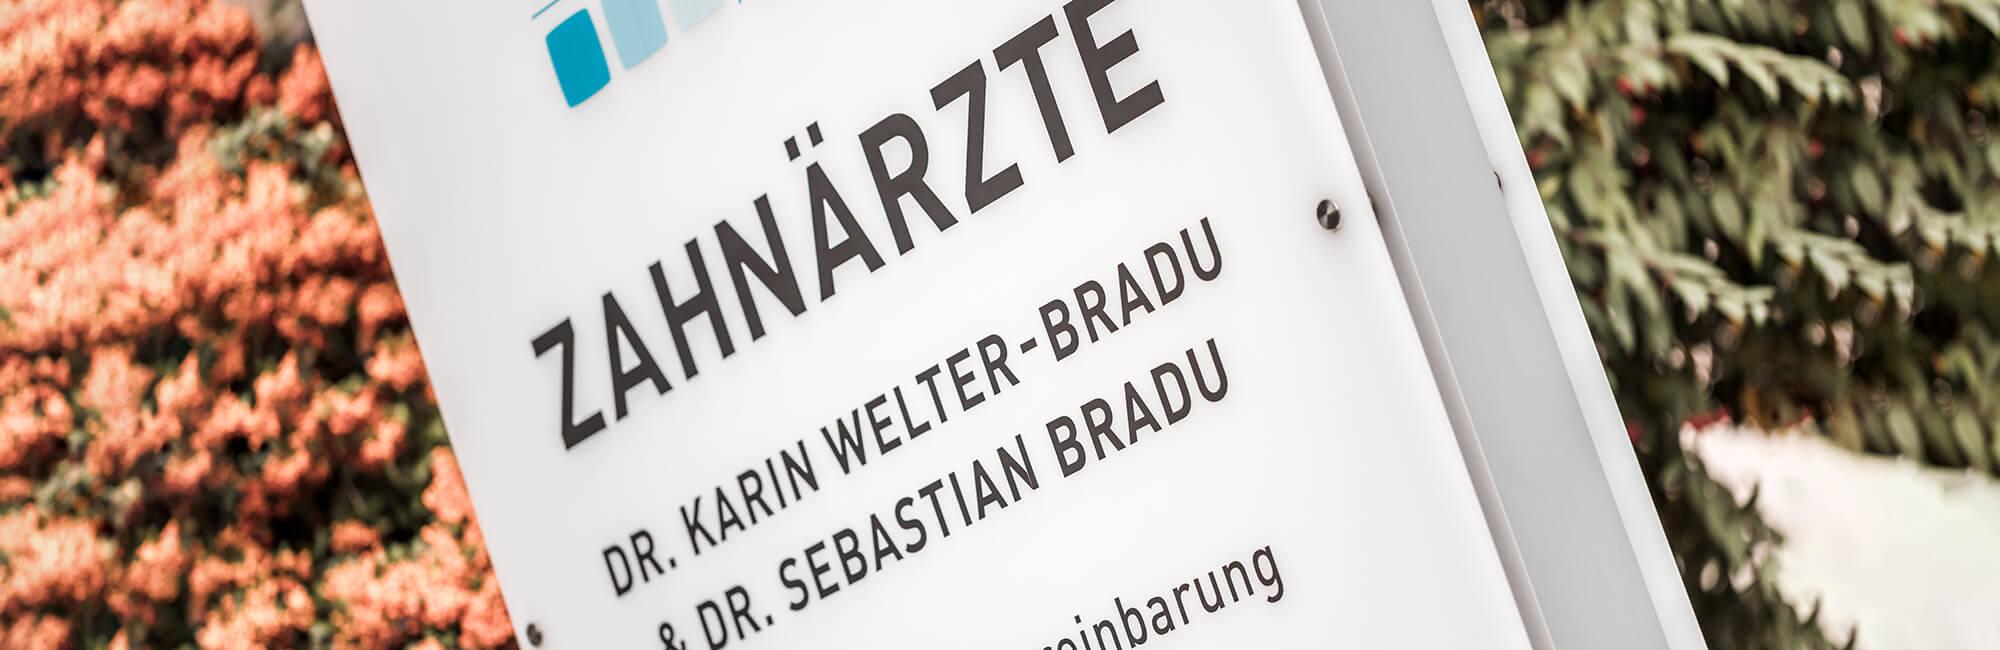 Zahnarzt Grafenberg - Bradu - Leistungen - Kontakt